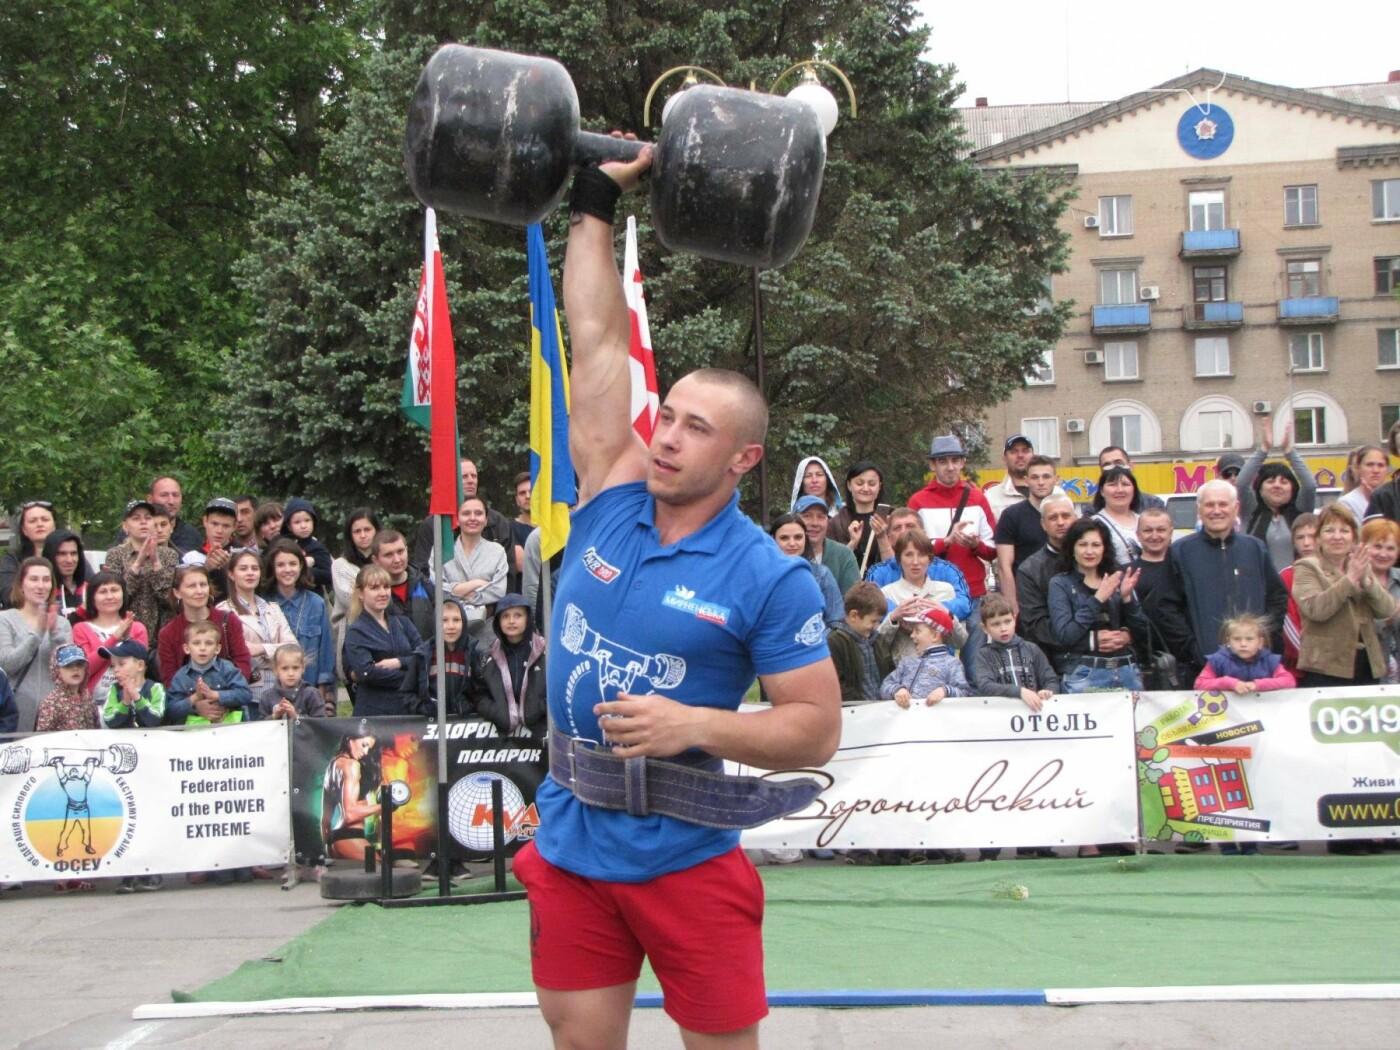 Три победы за неделю: мелитопольский богатырь выиграл второй этап международного чемпионата, фото-24